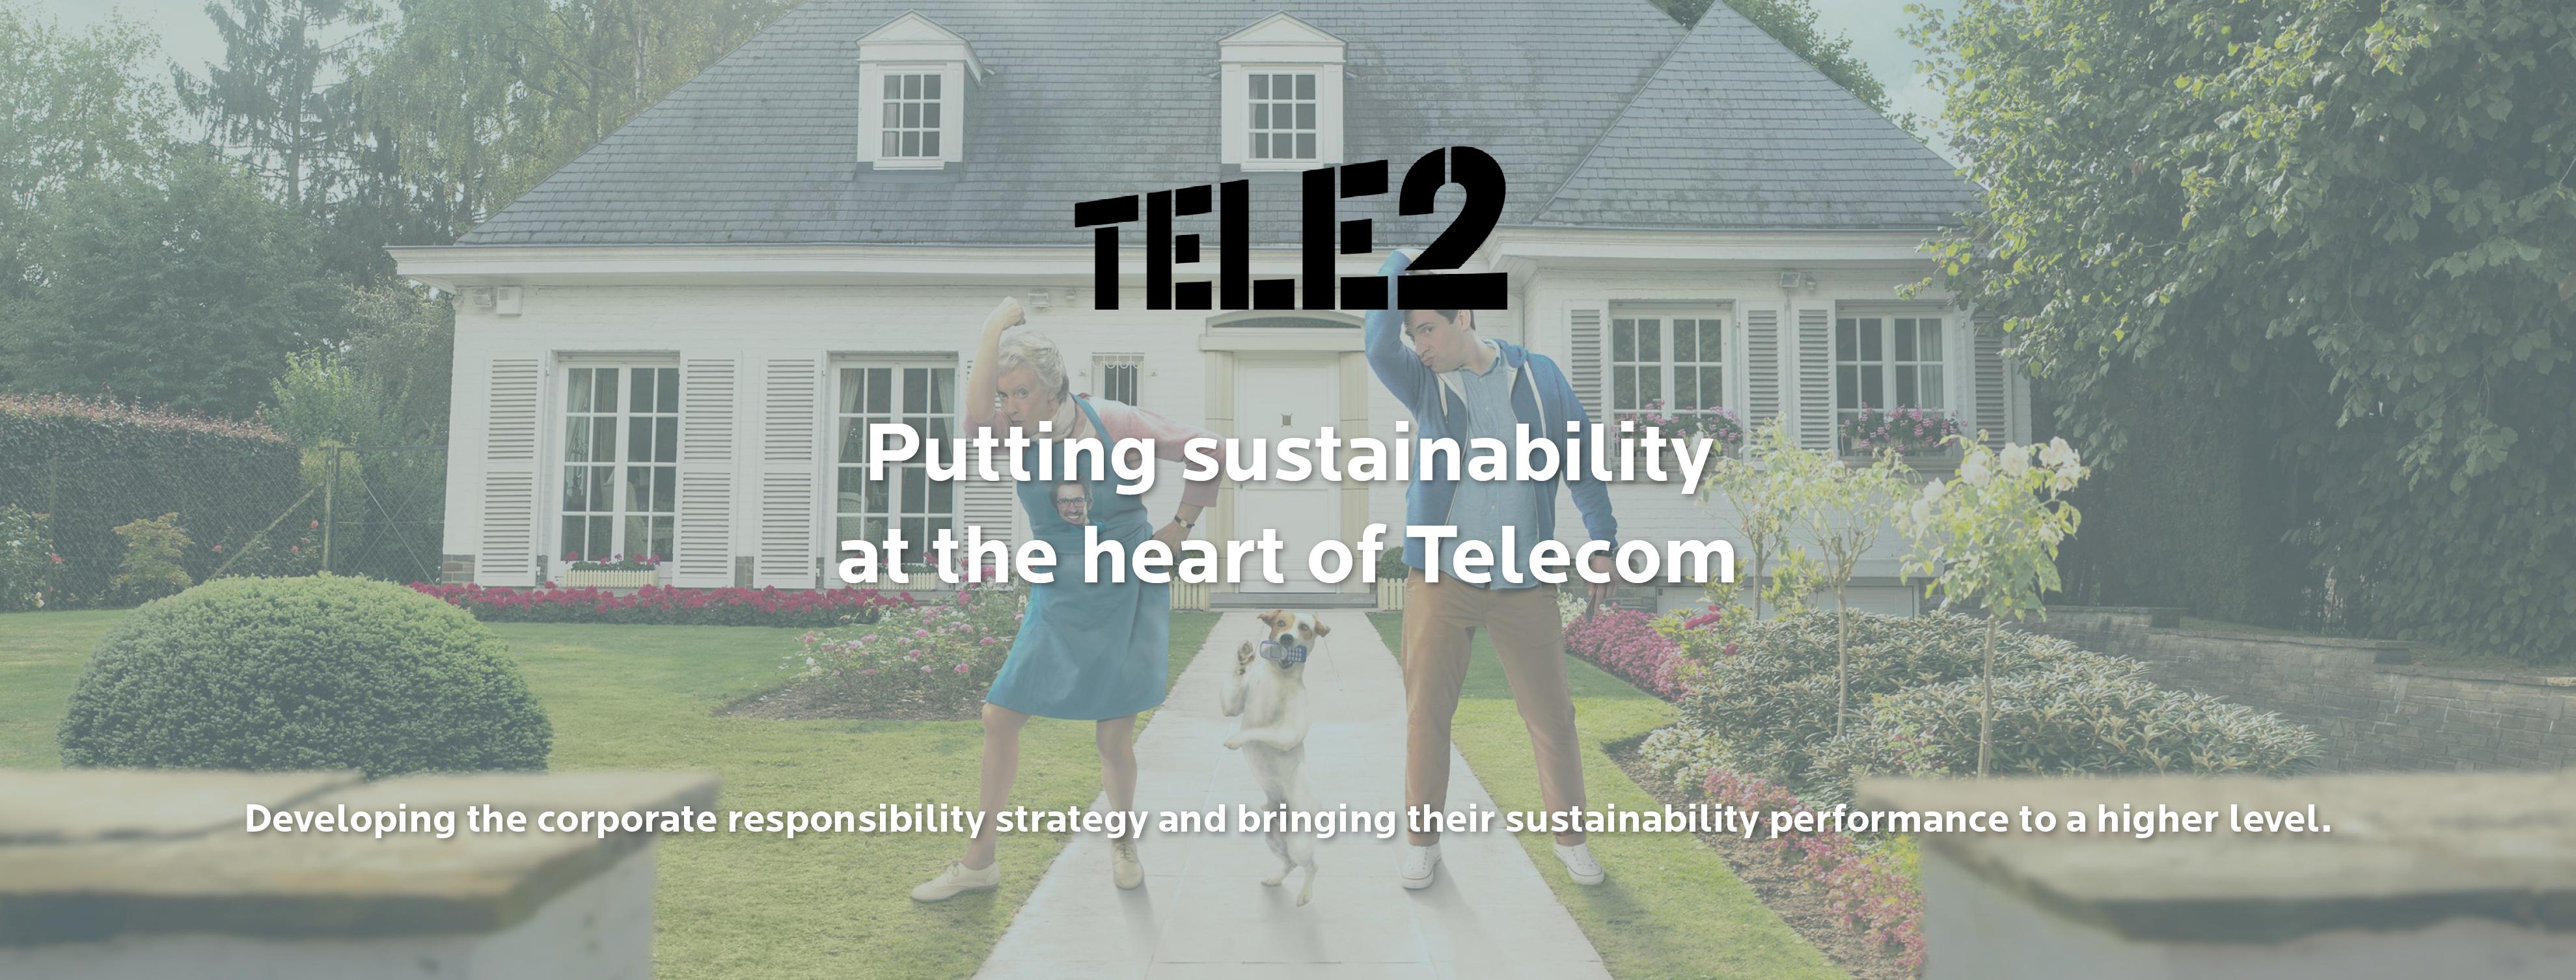 Sustainability at Tele2